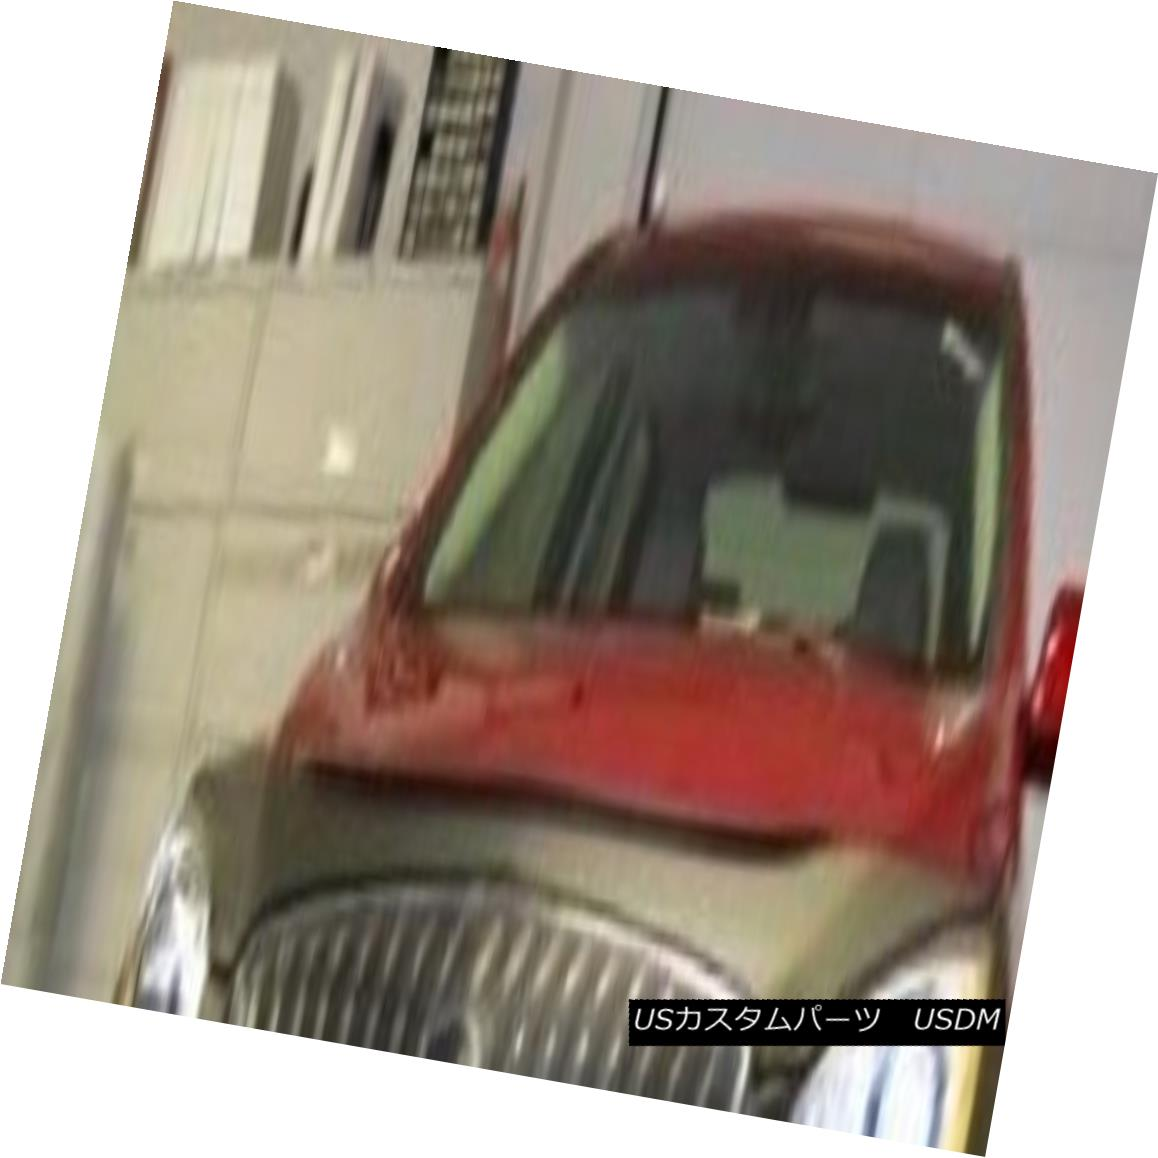 フルブラ ノーズブラ Lebra Hood Protector Mini Mask Bra Fits Buick Verano 2012-2017 LebraフードプロテクターミニマスクブラはBuick Verano 2012-2017に合う